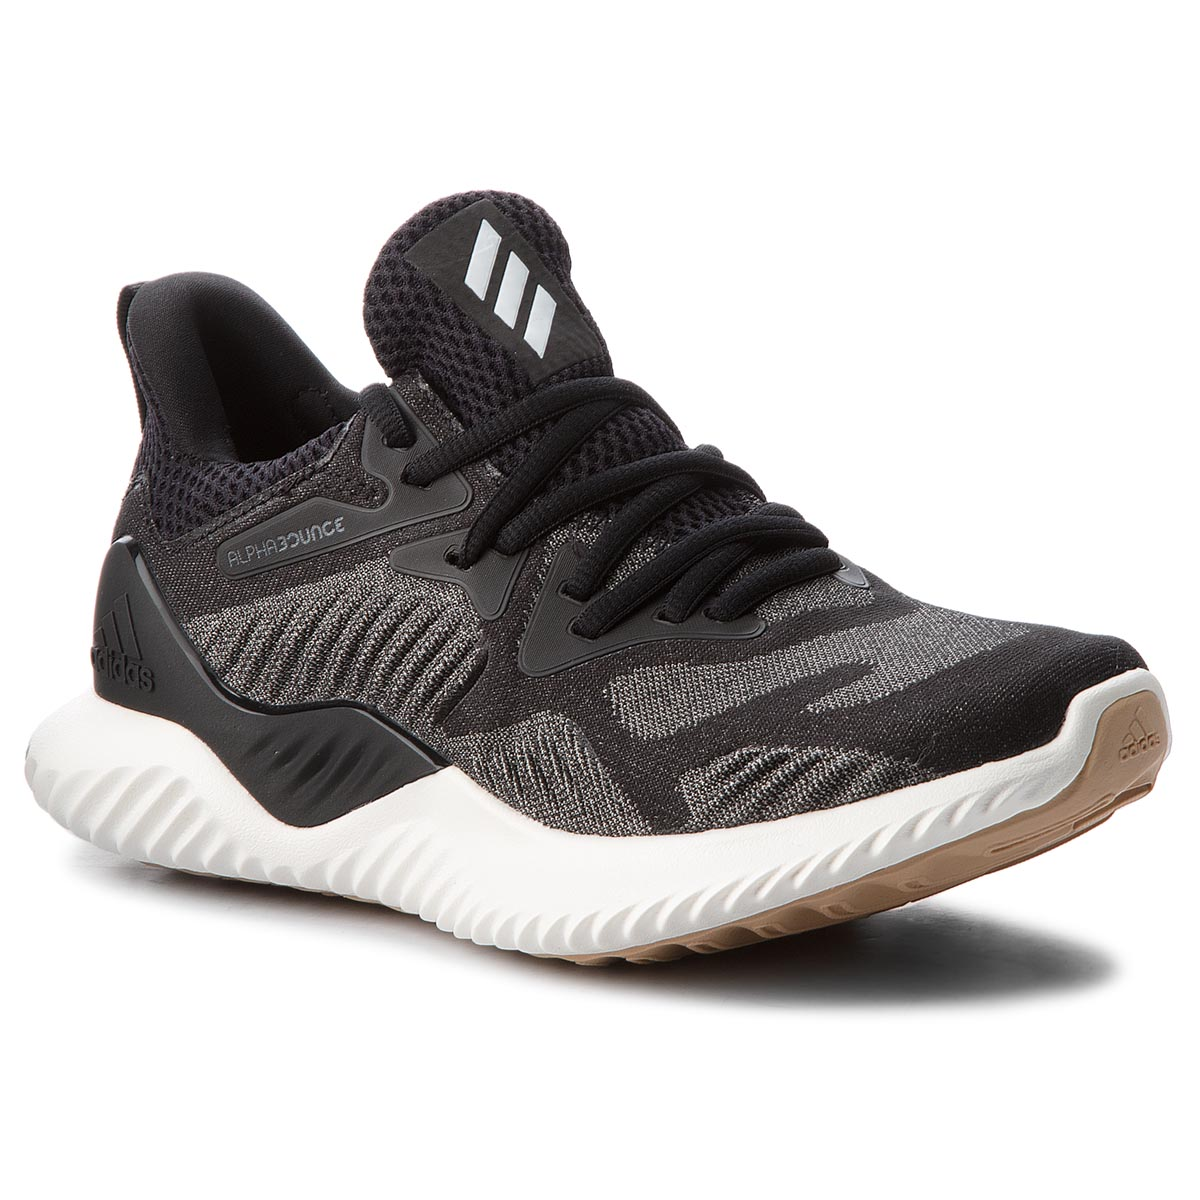 e1fca806d0e2c Shoes adidas - Marathon Tech W G27709 Orctin/Aerblu/Cleora ...